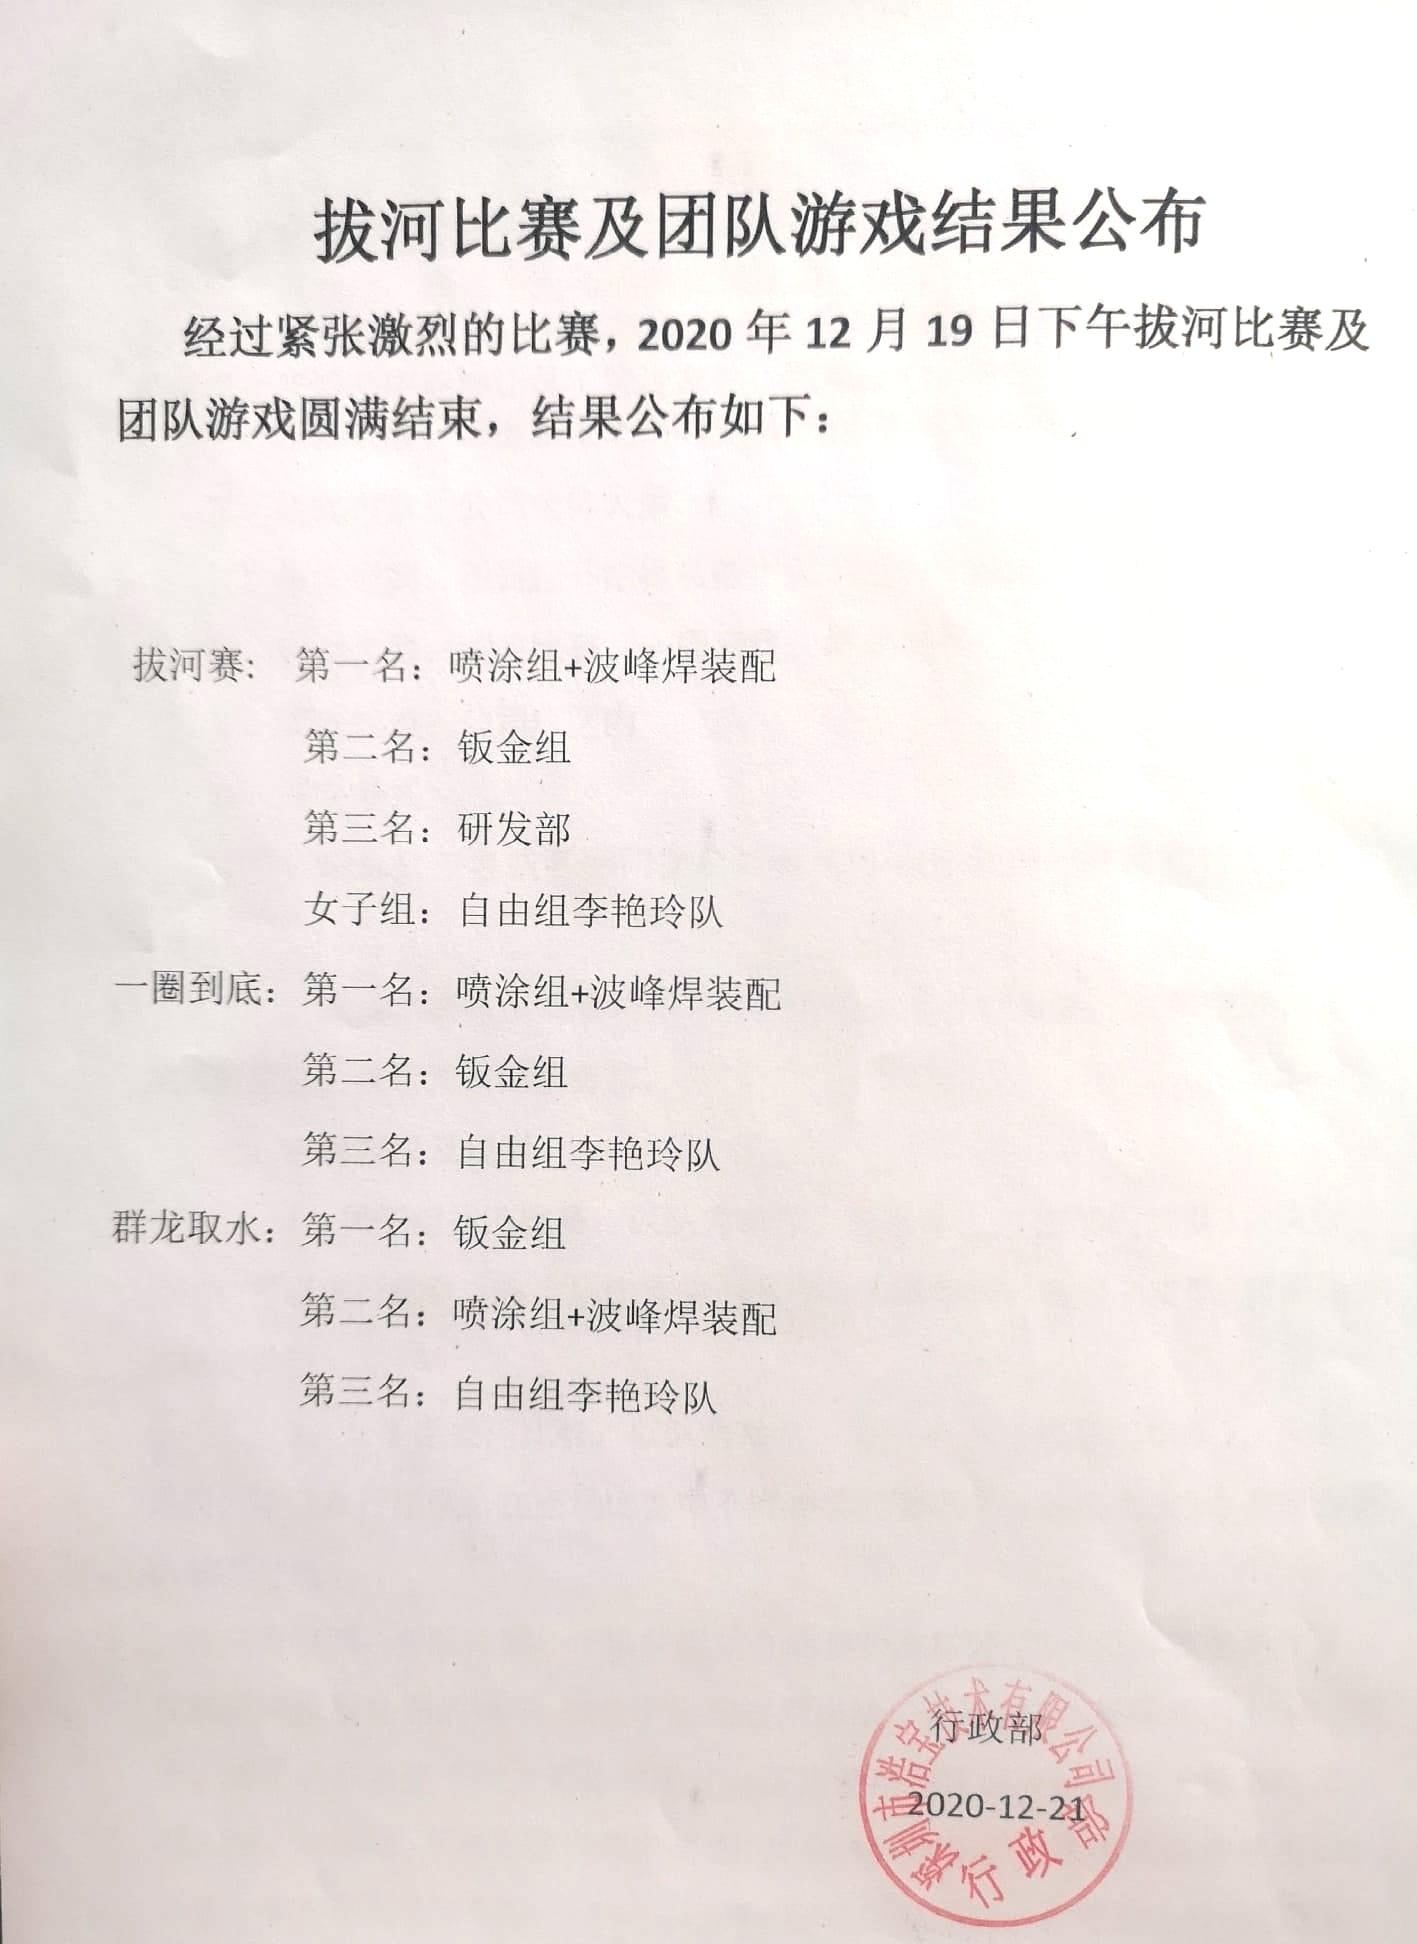 拔河比赛及团队有限获奖名单_20201221.jpg